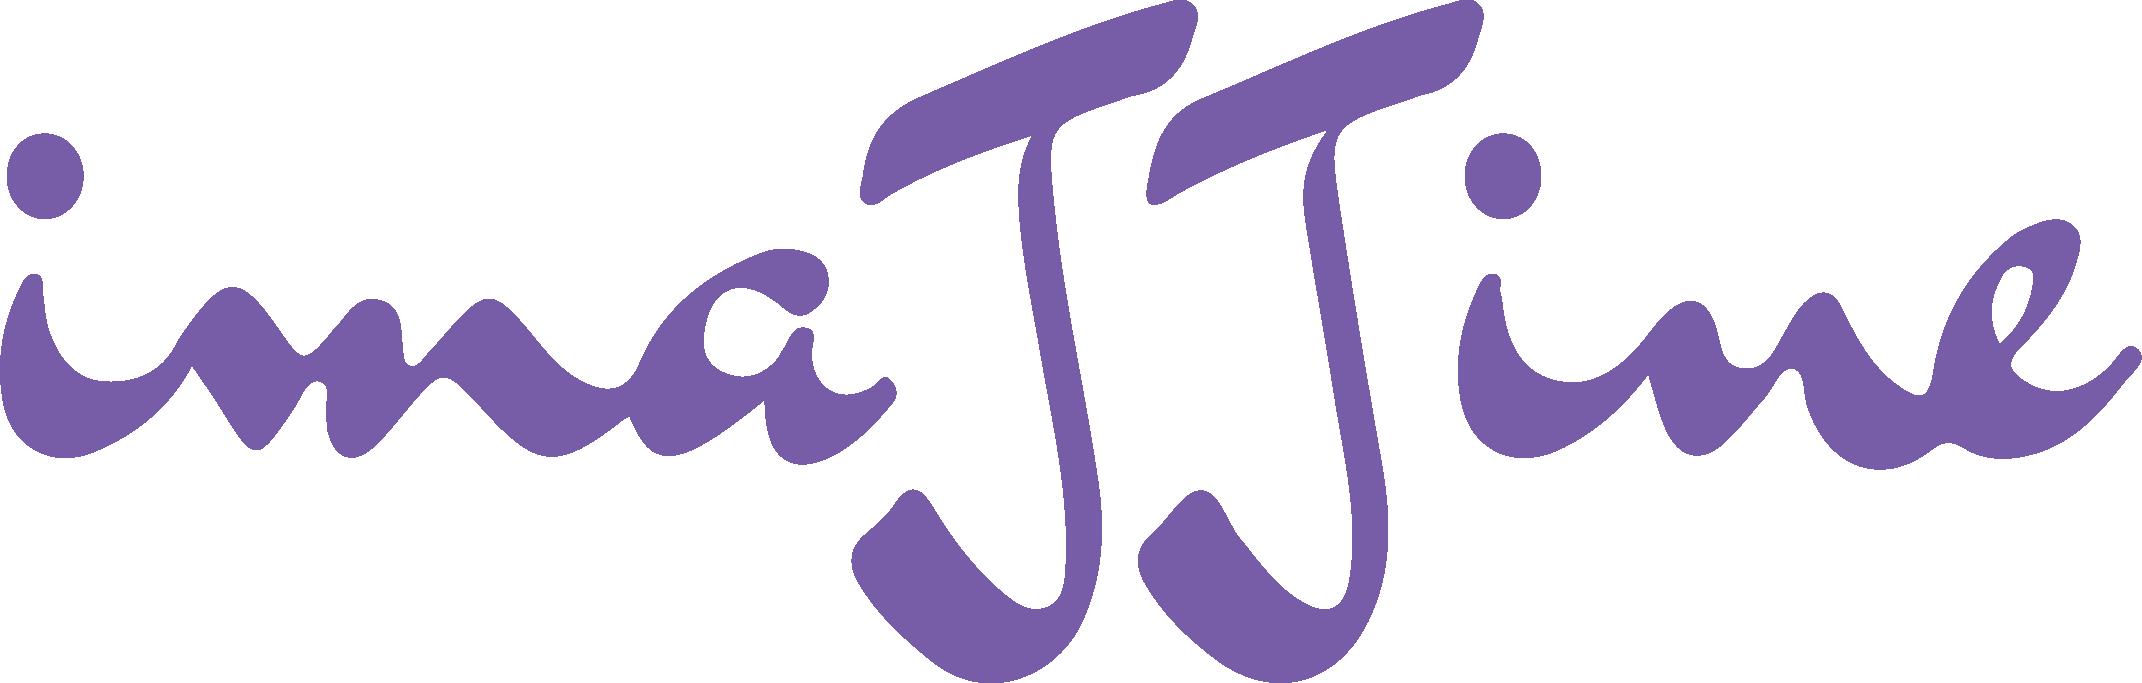 imaJJine logo